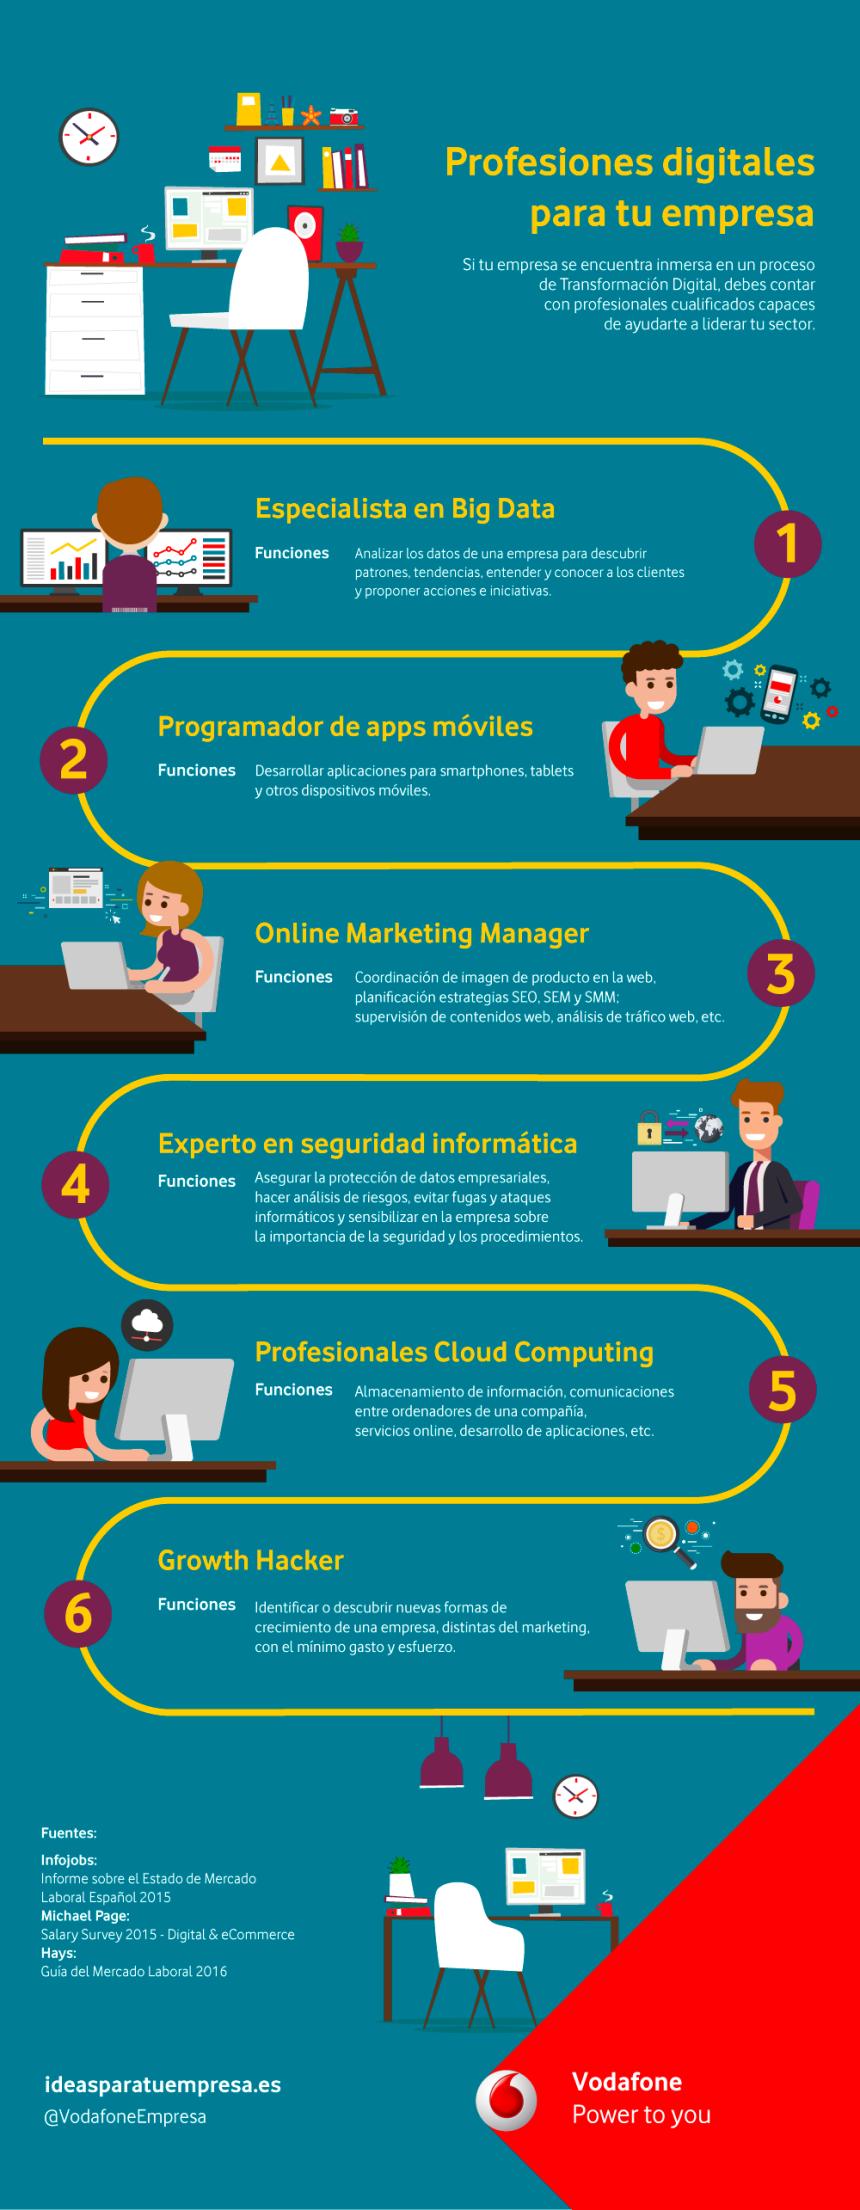 Profesiones digitales para transformar tu empresa